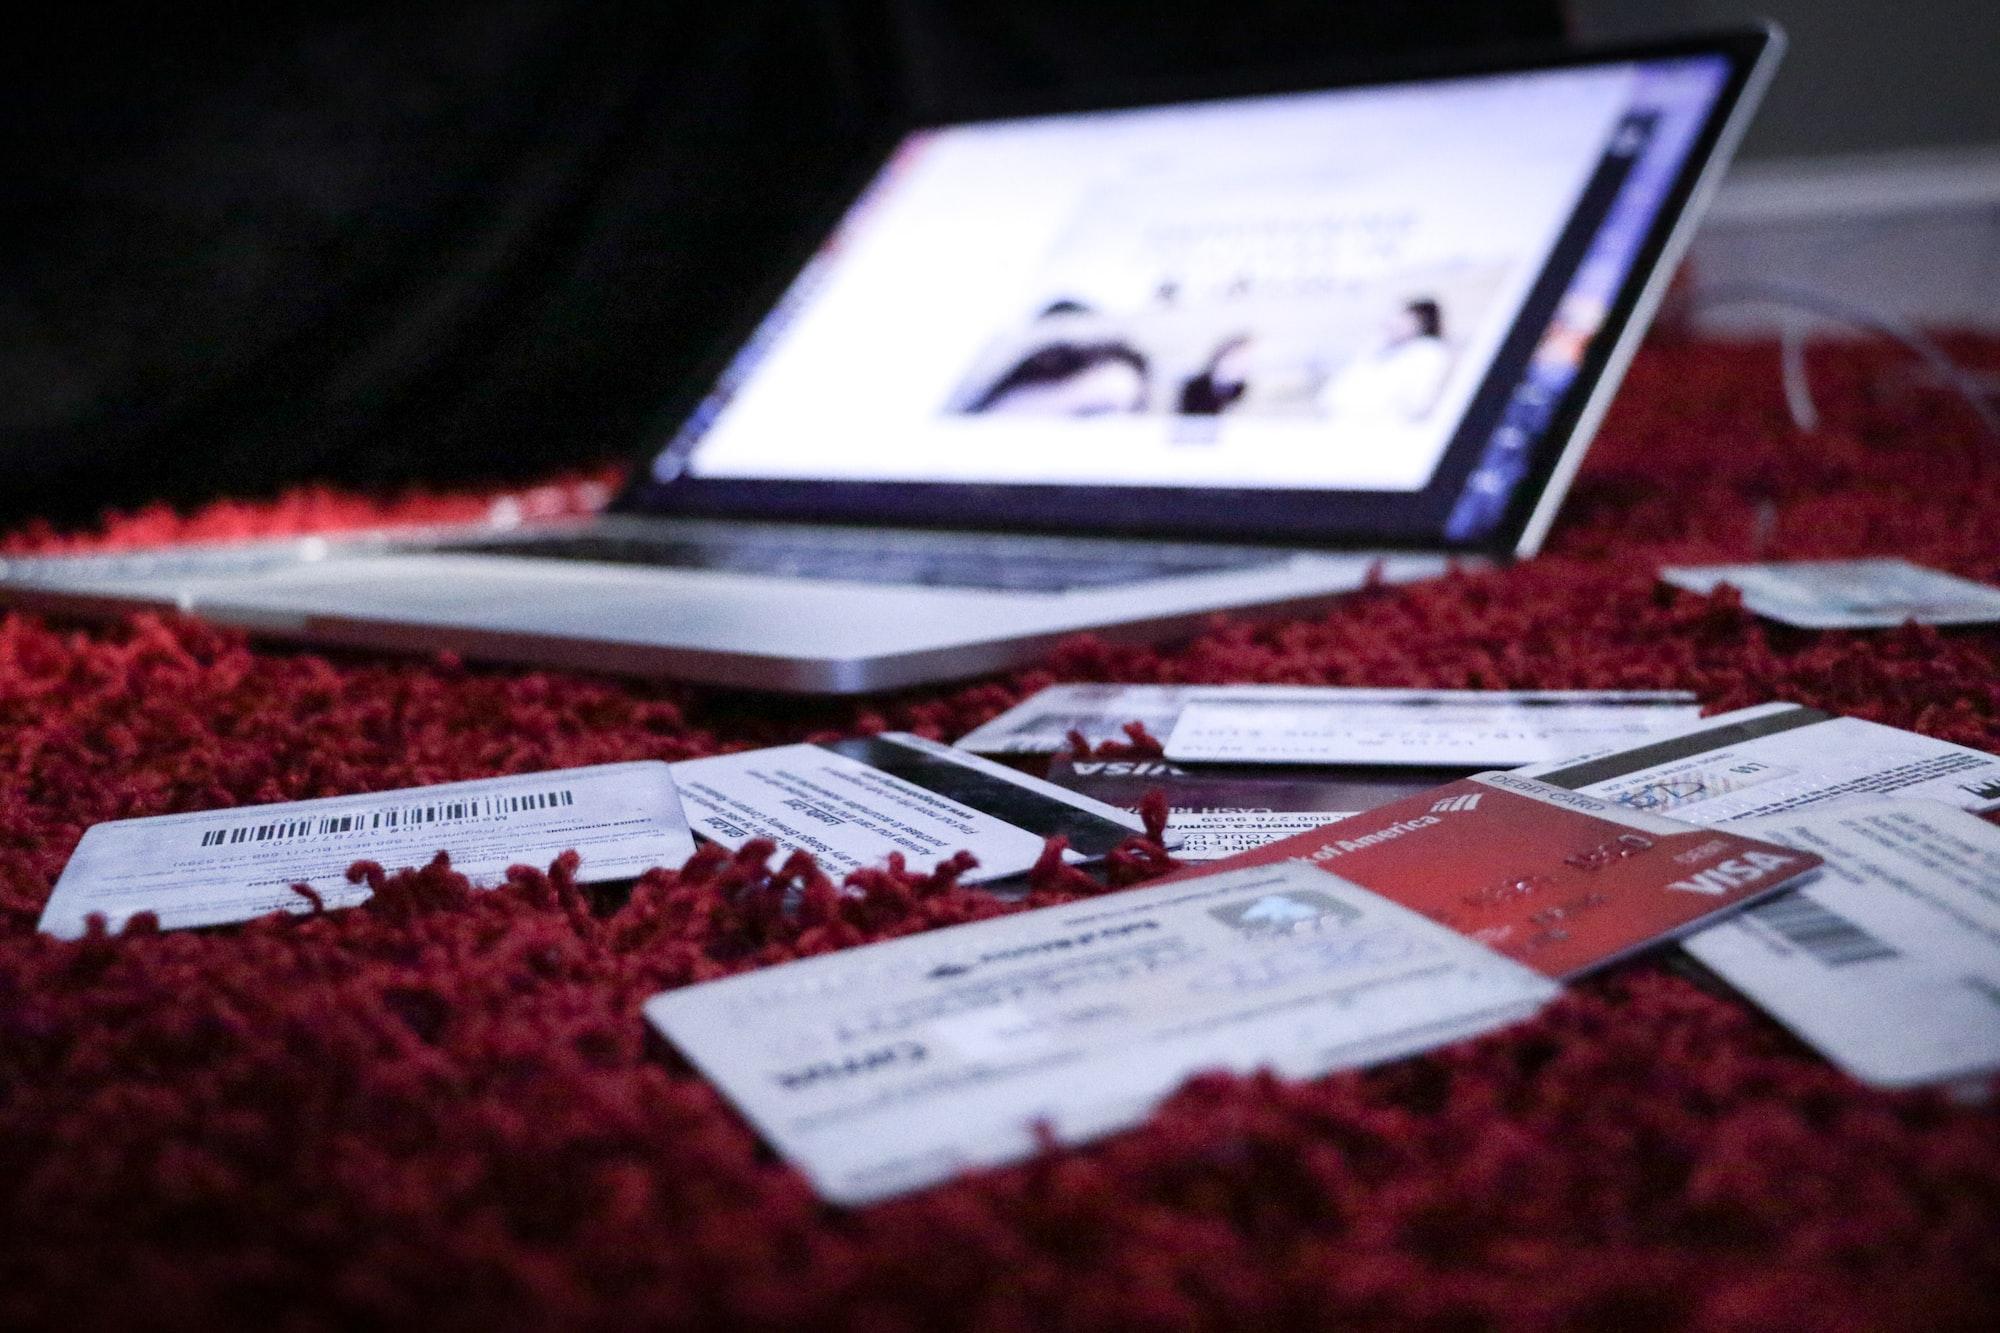 As quatro melhores lojas online para comprares produtos tecnológicos – e receberes em casa